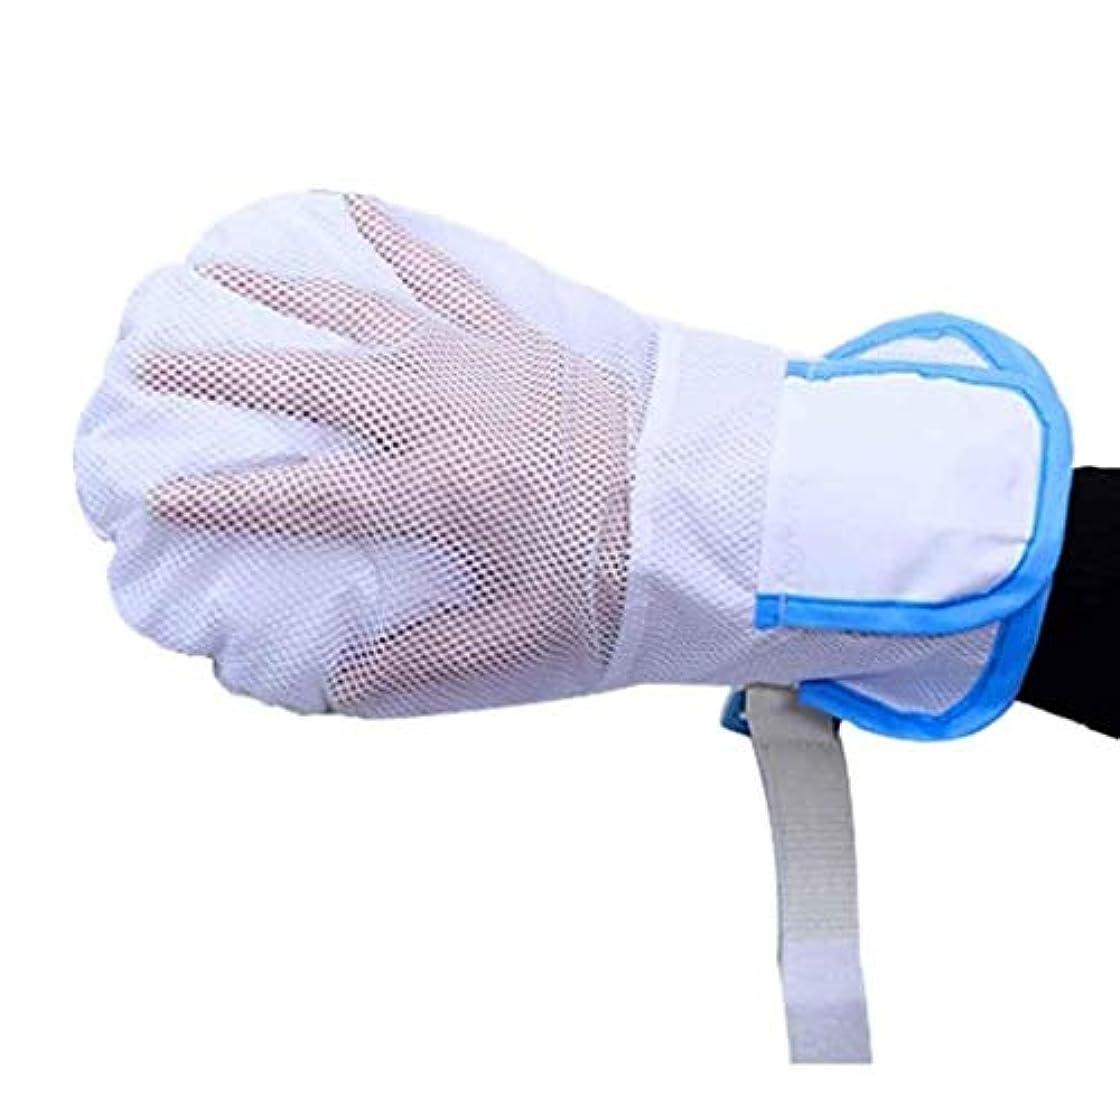 リングレット求人無視できるフィンガーコントロールミット 医療用防護服患者用手感染プロテクターパッド入りミットは高齢者のための指の害を防ぐための手袋を防ぎます